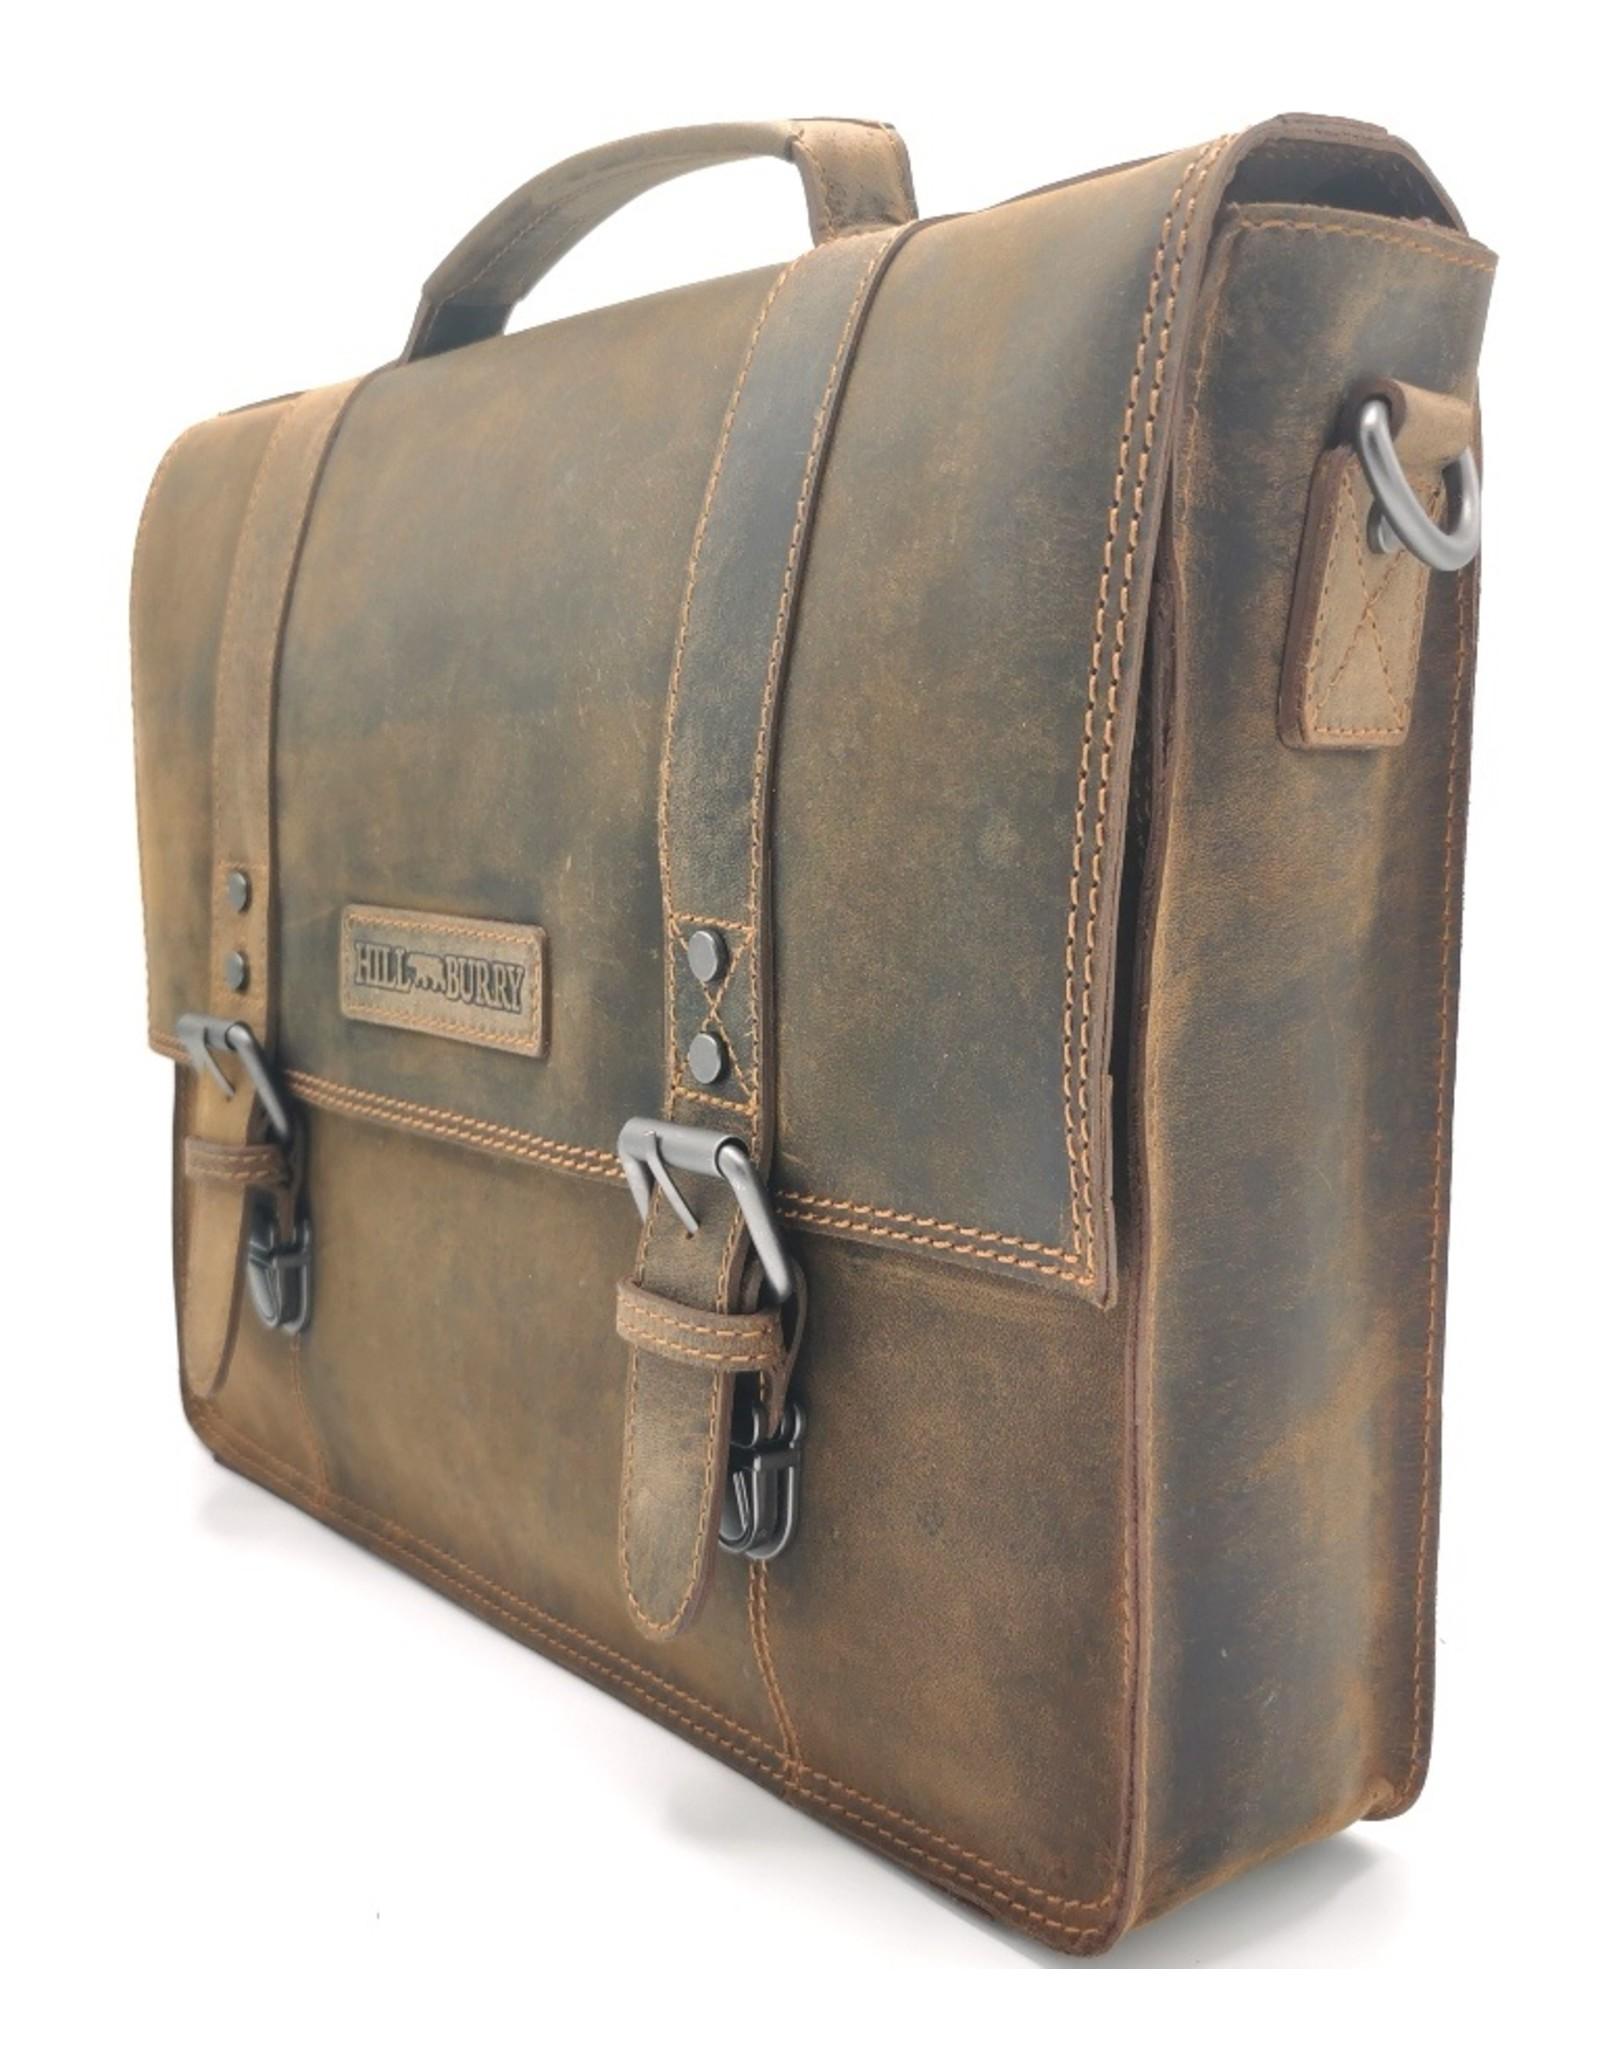 HillBurry Leren werktassen en Leren laptoptassen - HillBurry Leren Vintage Schooltas XL (Bruin)